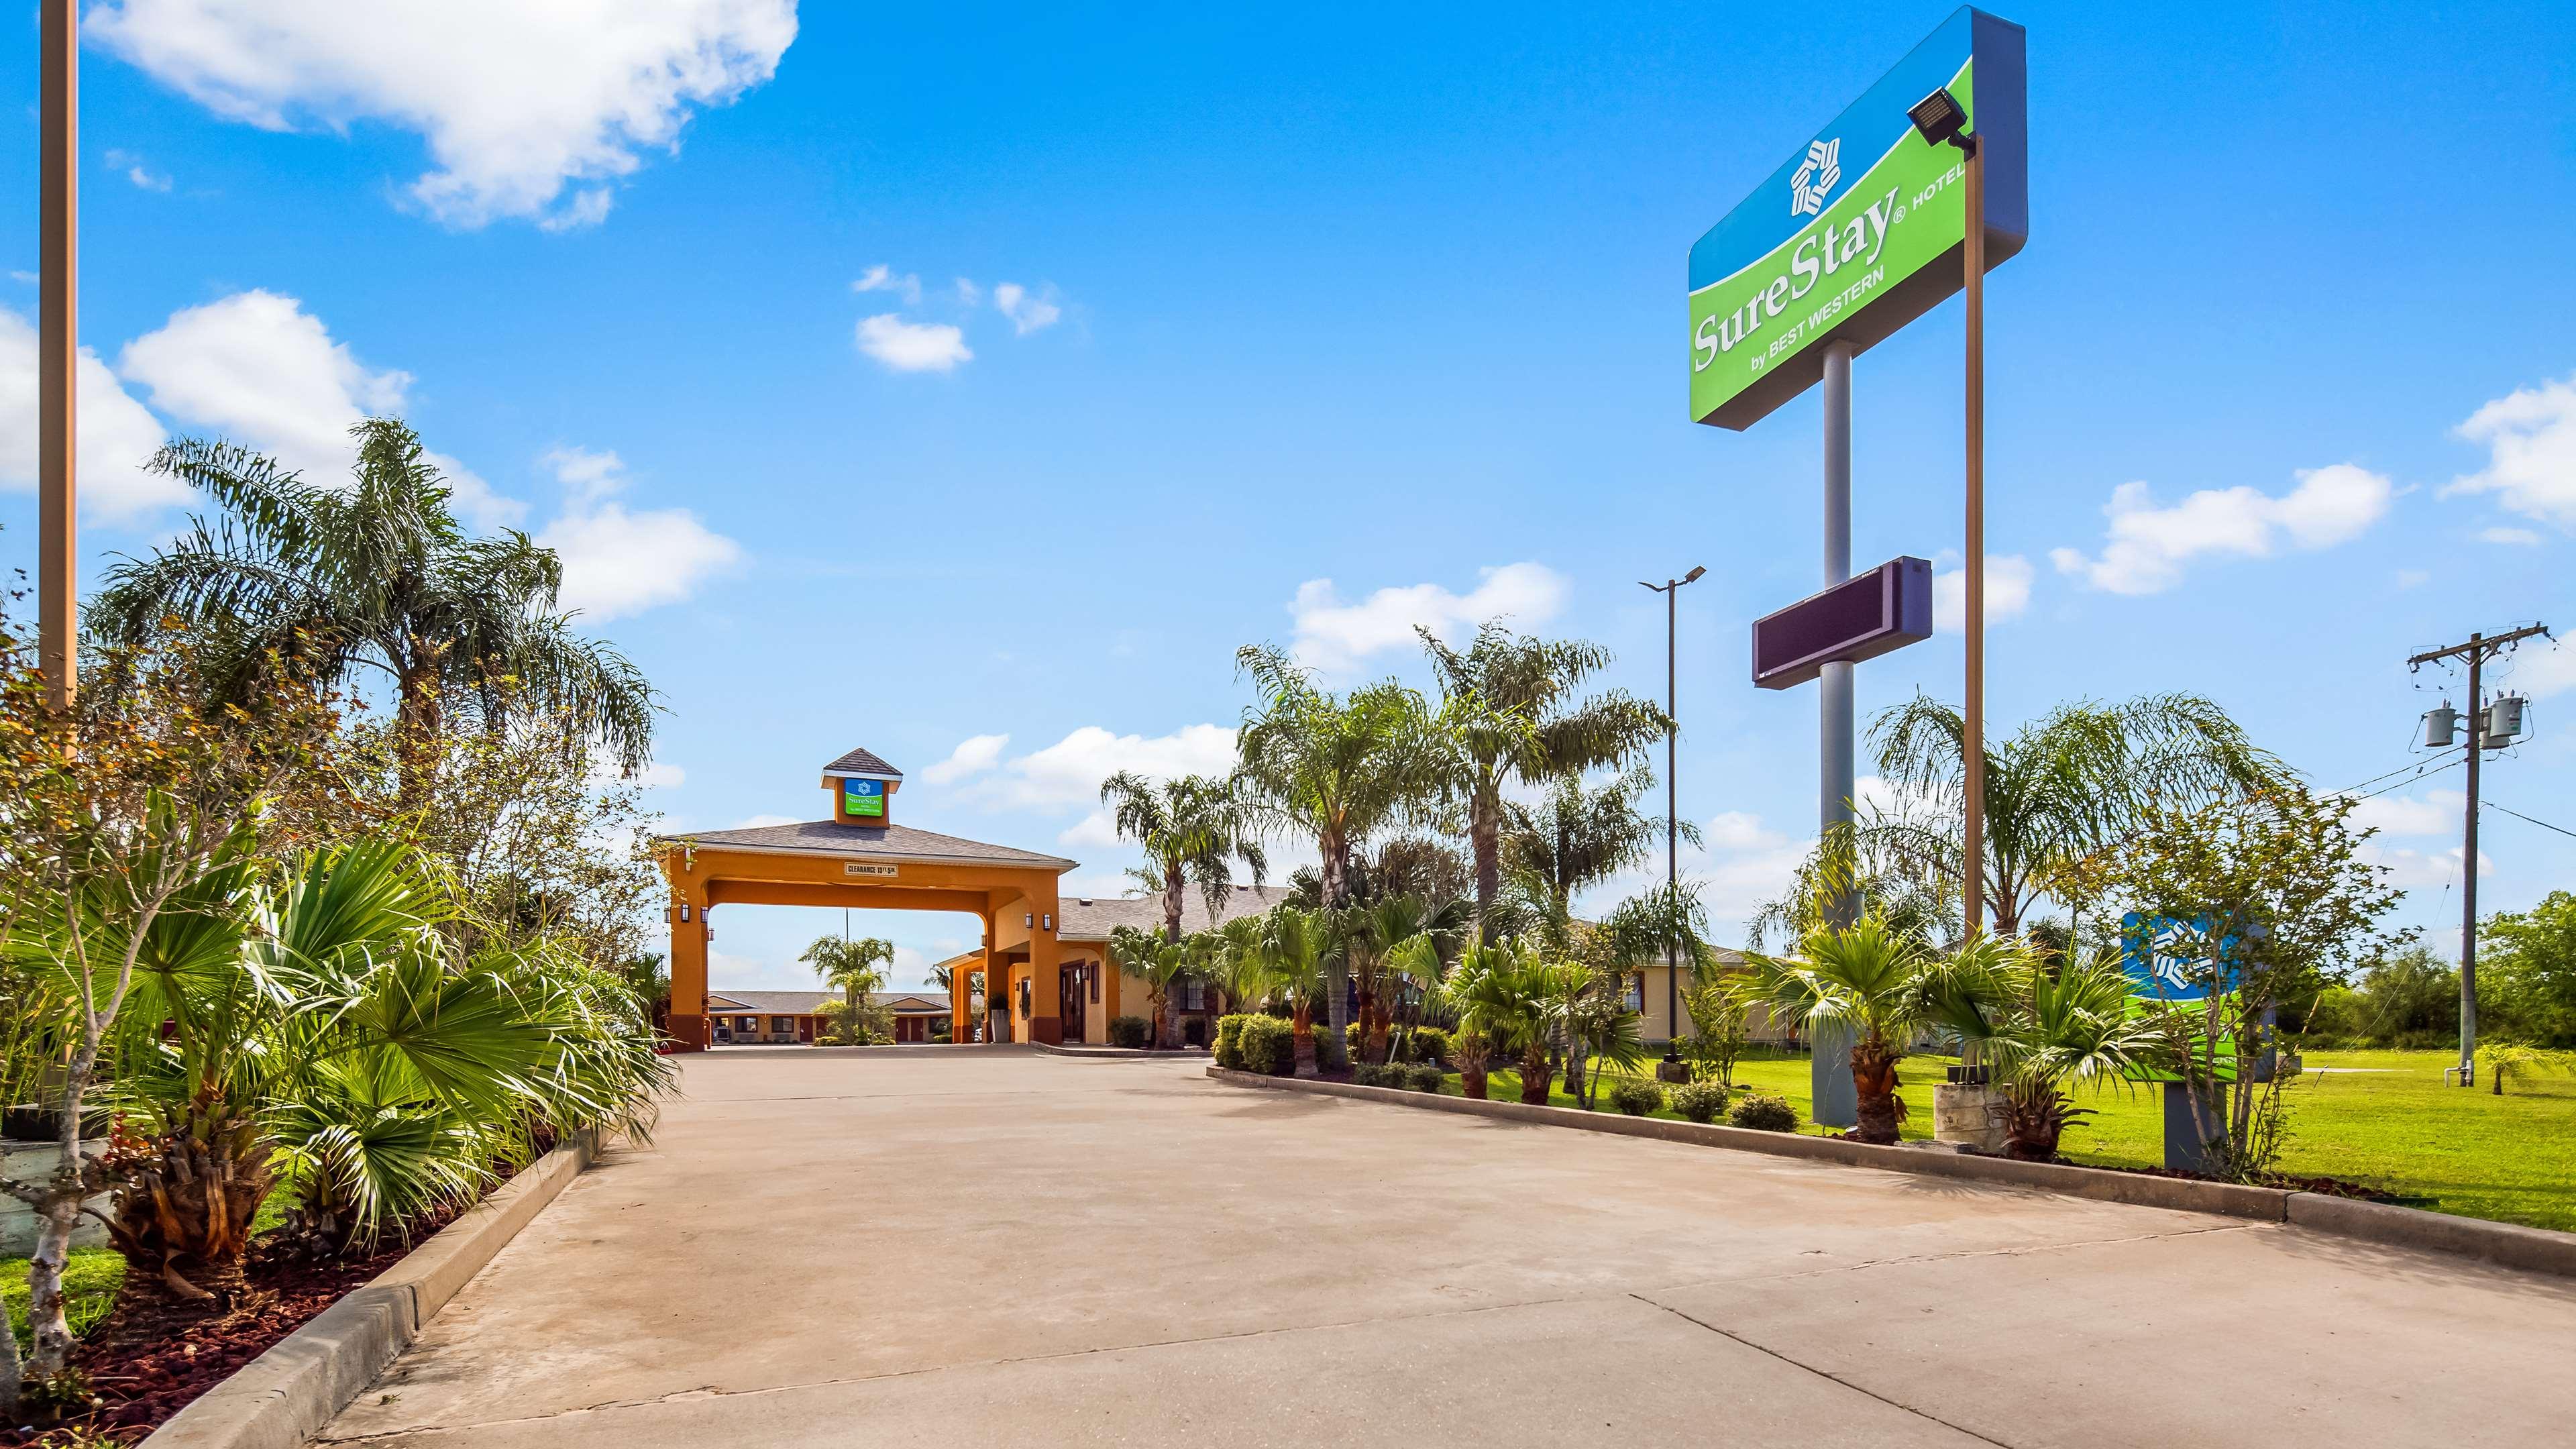 SureStay Hotel by Best Western Falfurrias image 1